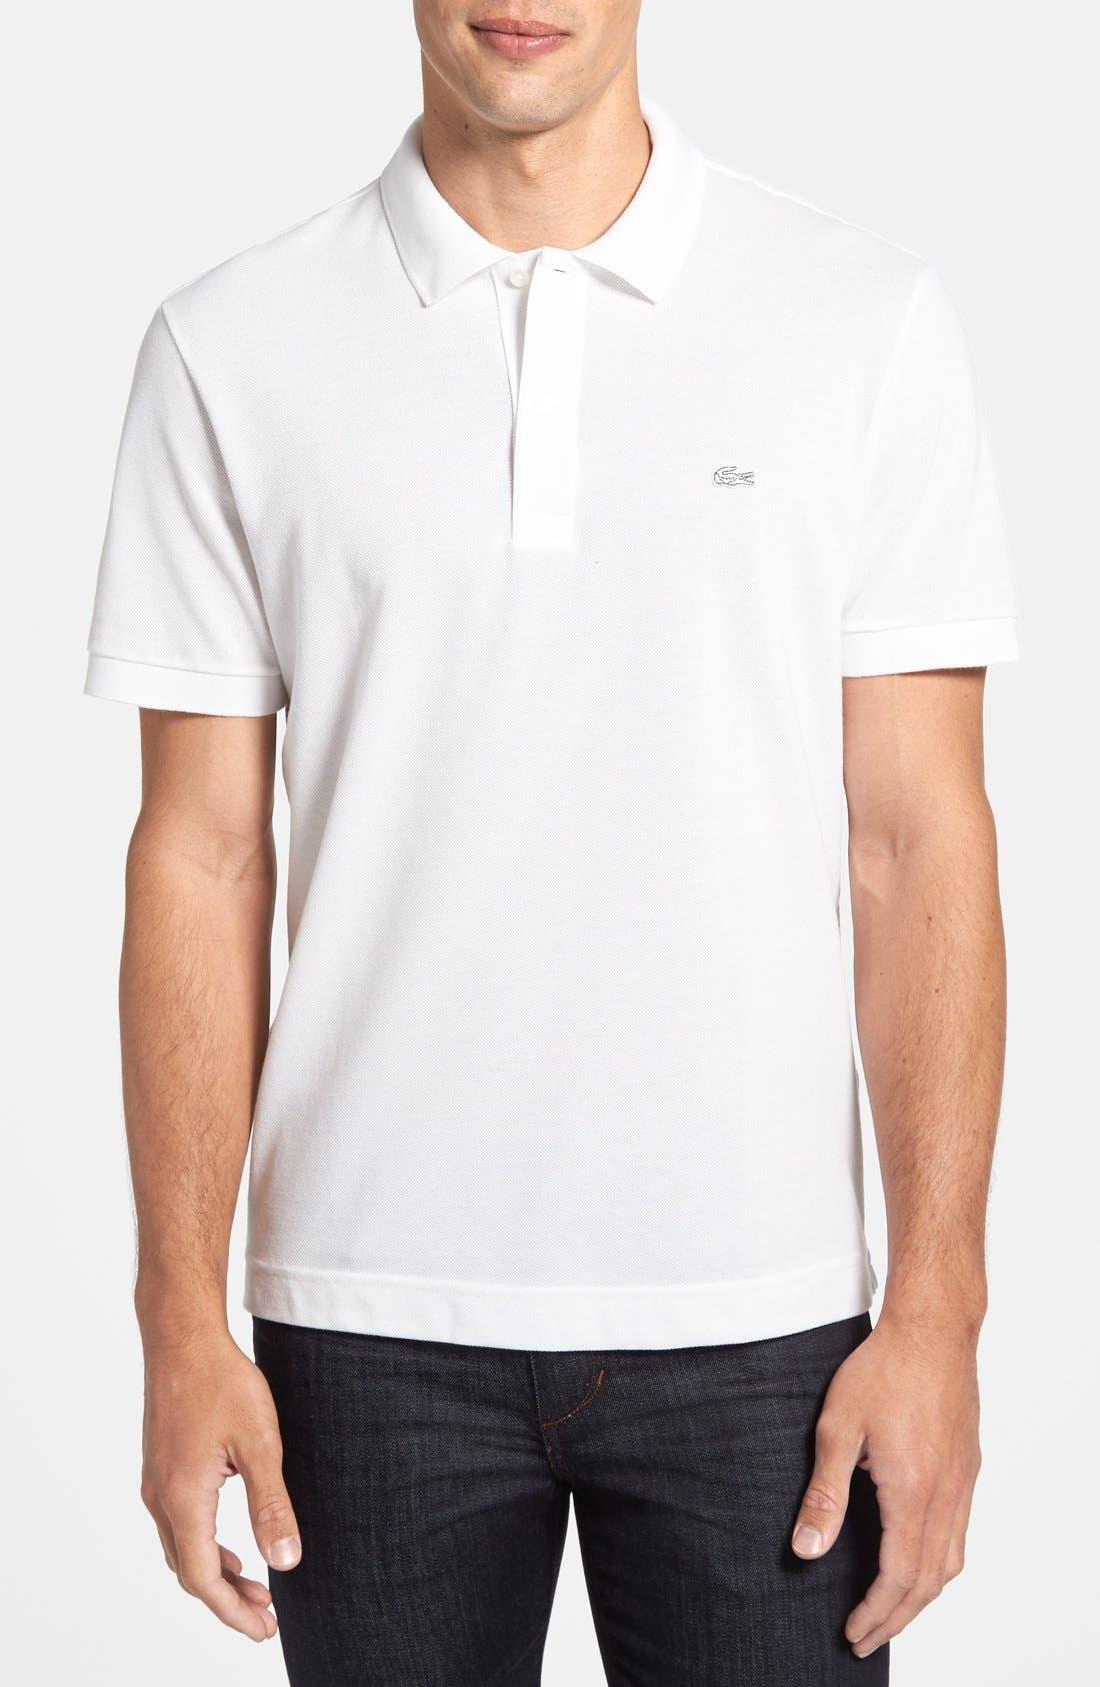 Main Image - Lacoste 'White Croc' Regular Fit Piqué Polo